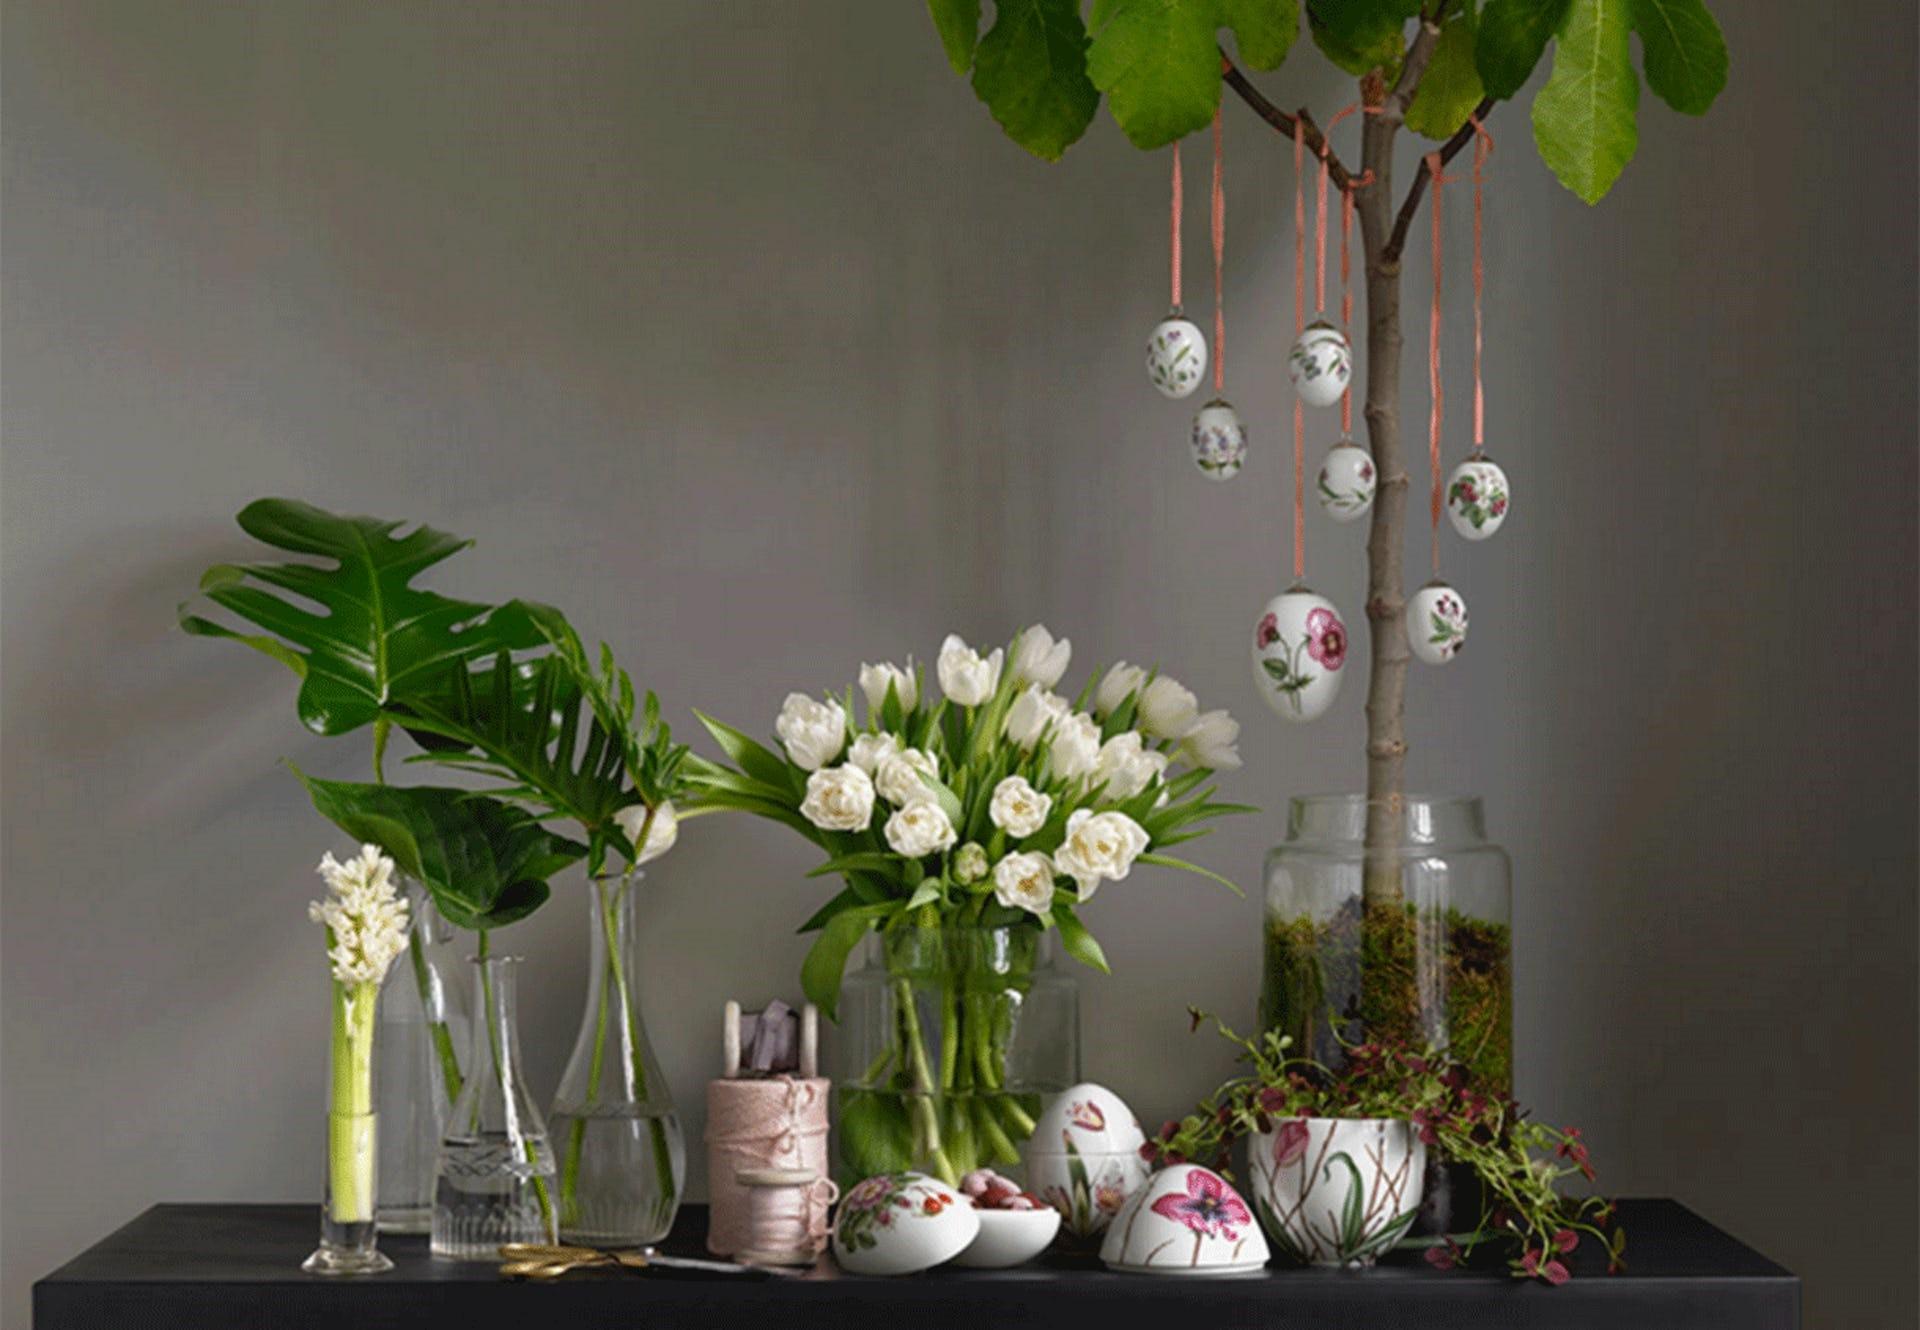 Les fleurs sont la meilleure décoration printanière.